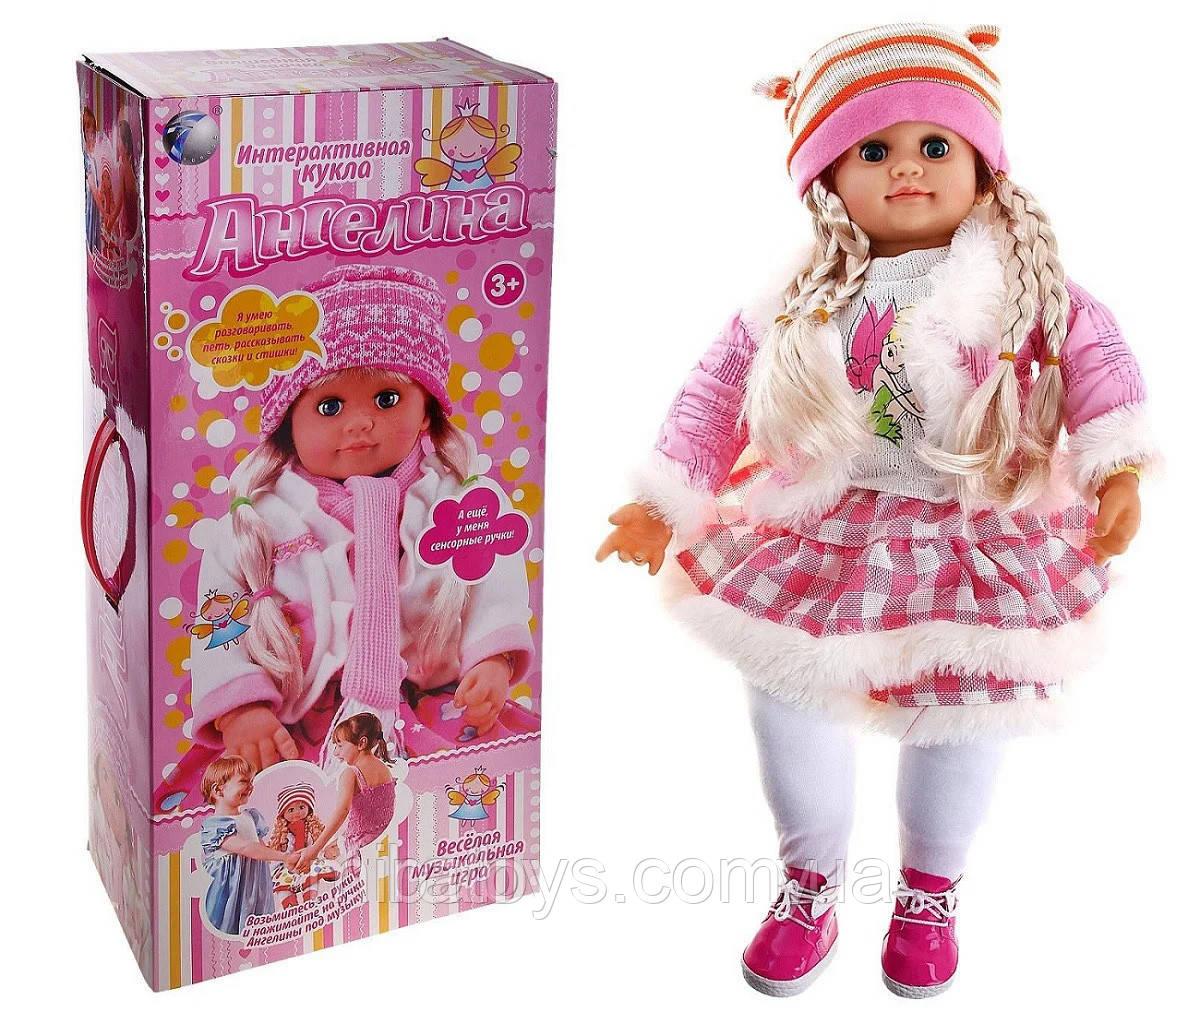 ✅Говорить лялька Ангеліна. Розумна лялька Ангеліна. Інтерактивна лялька Ангеліна